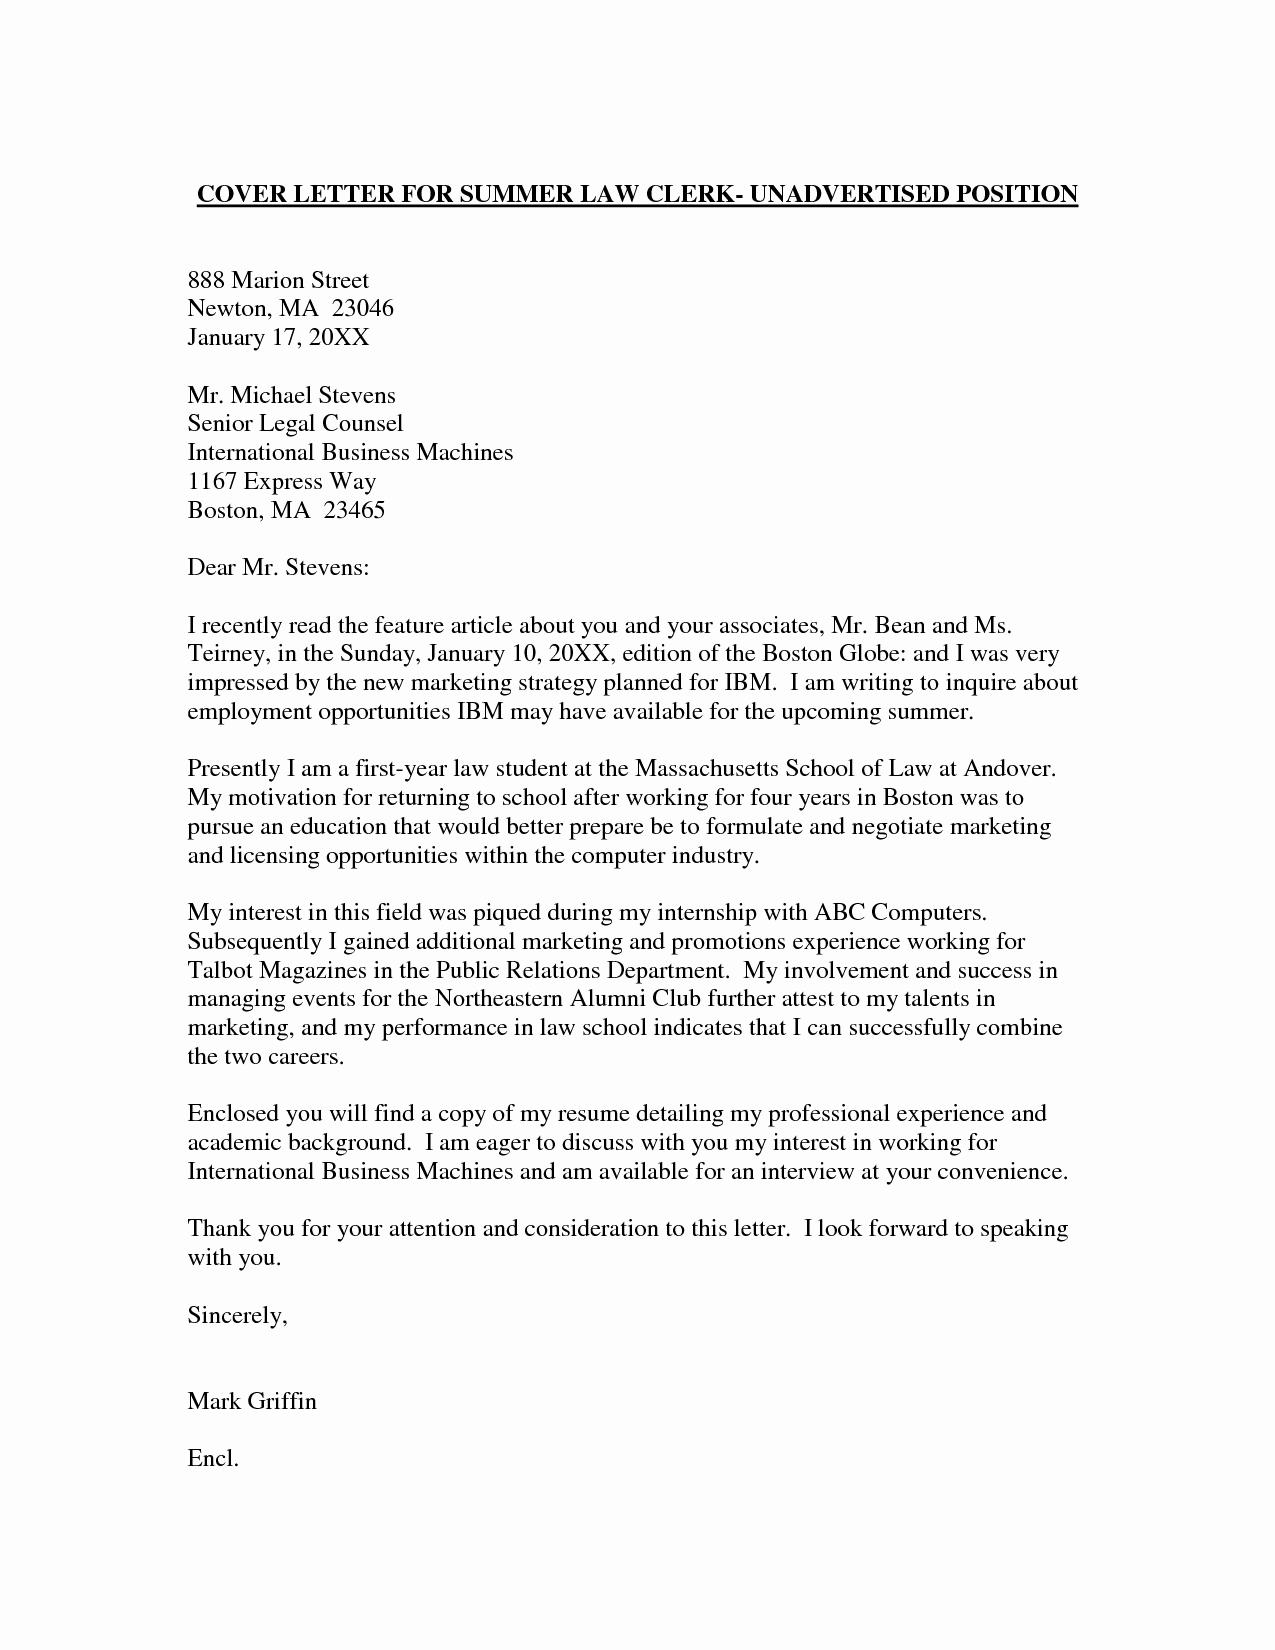 Cover Letter for Employment Unique Employment Cover Letter Template Wondercover Letter